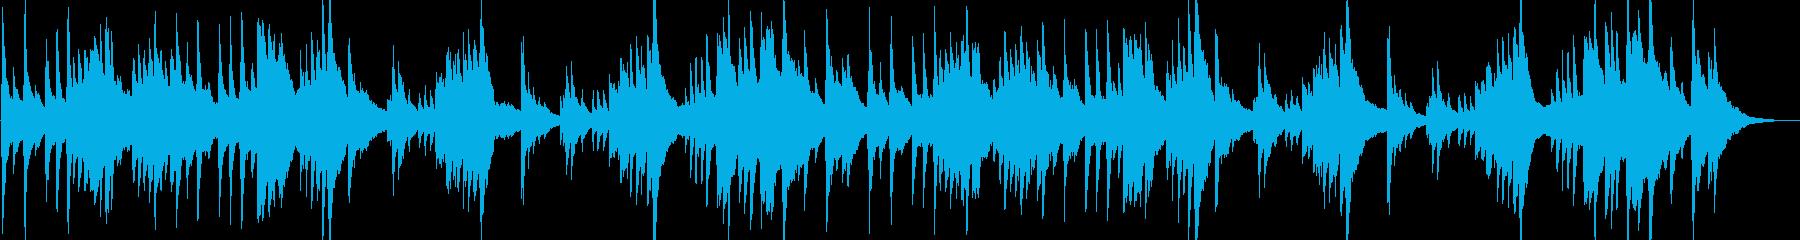 穏やか・安らぎ・癒しのハープソロBGM1の再生済みの波形